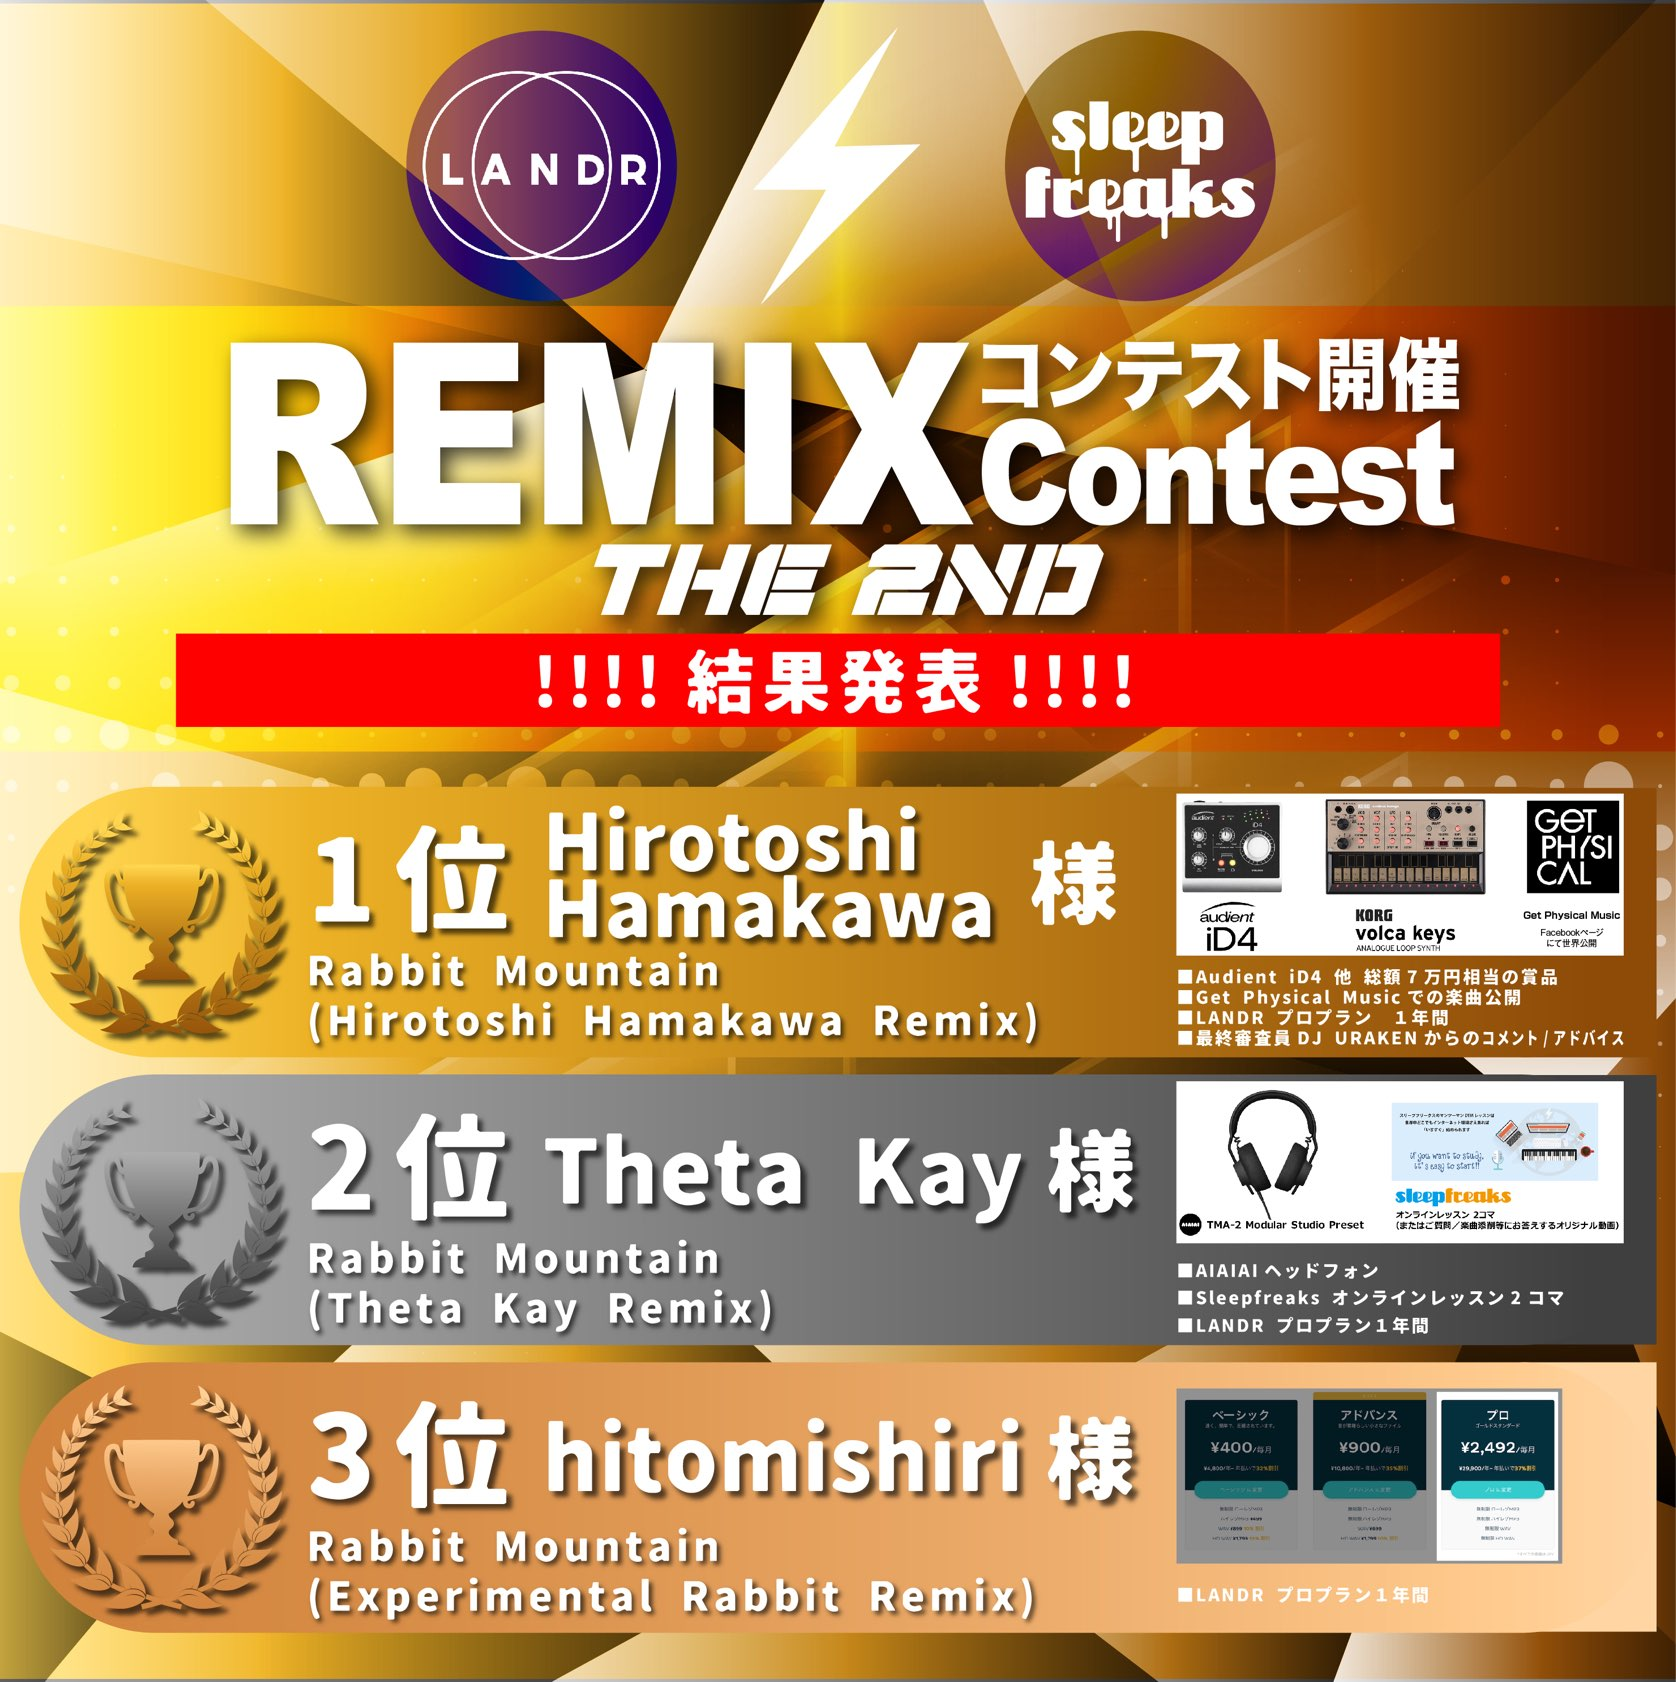 LANDER_remix2017_ENDimageB-1